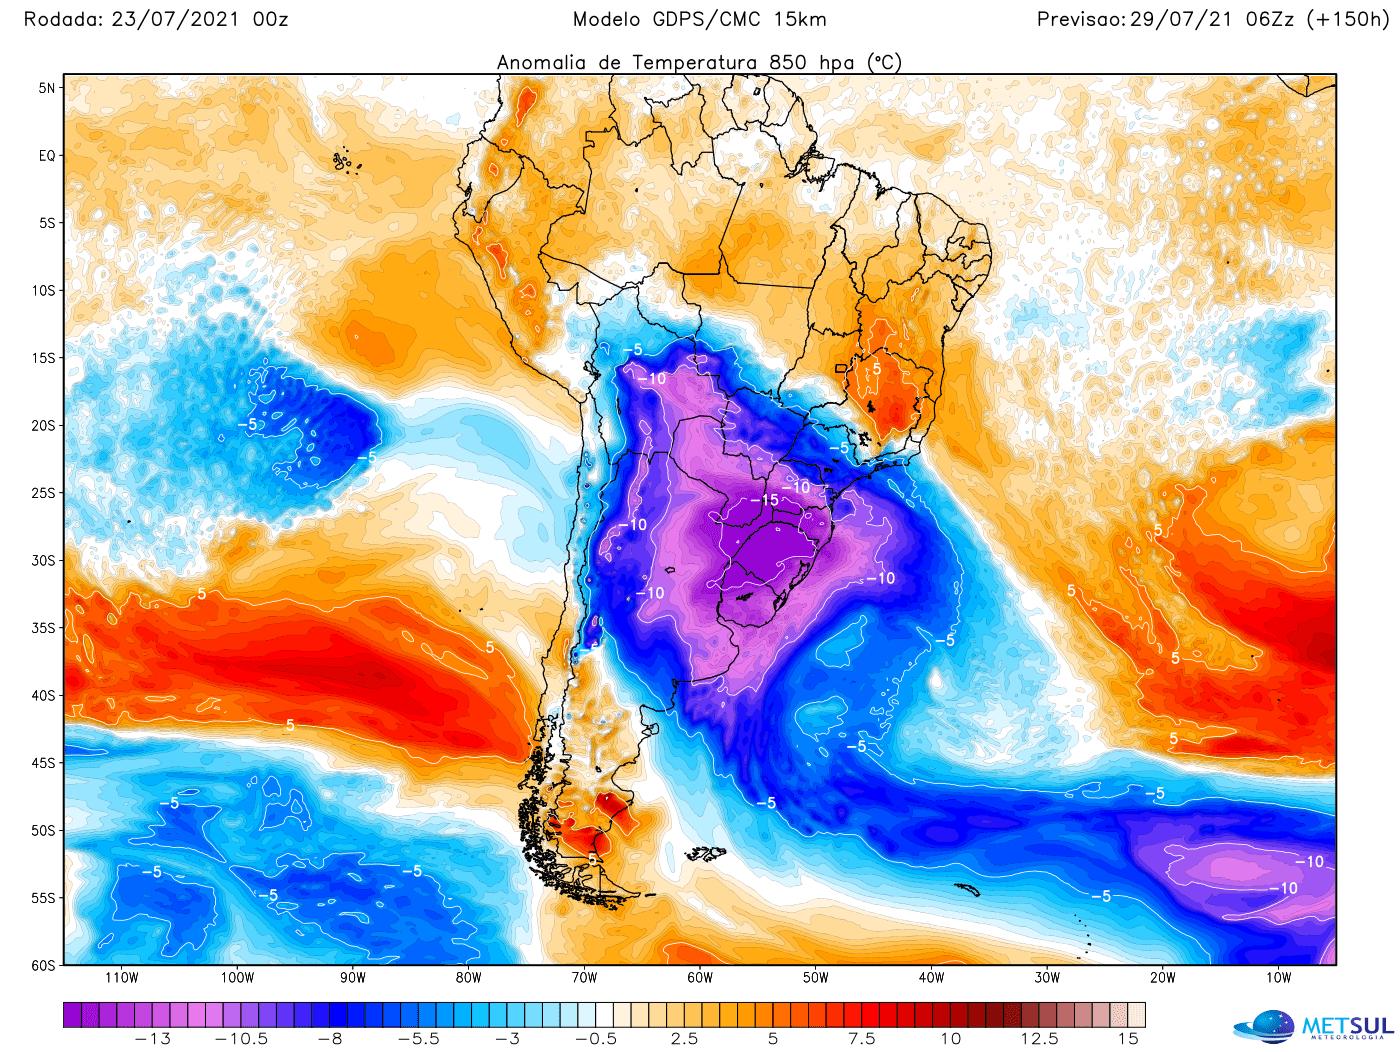 Nova frente fria promete fazer temperaturas despencarem na próxima semana